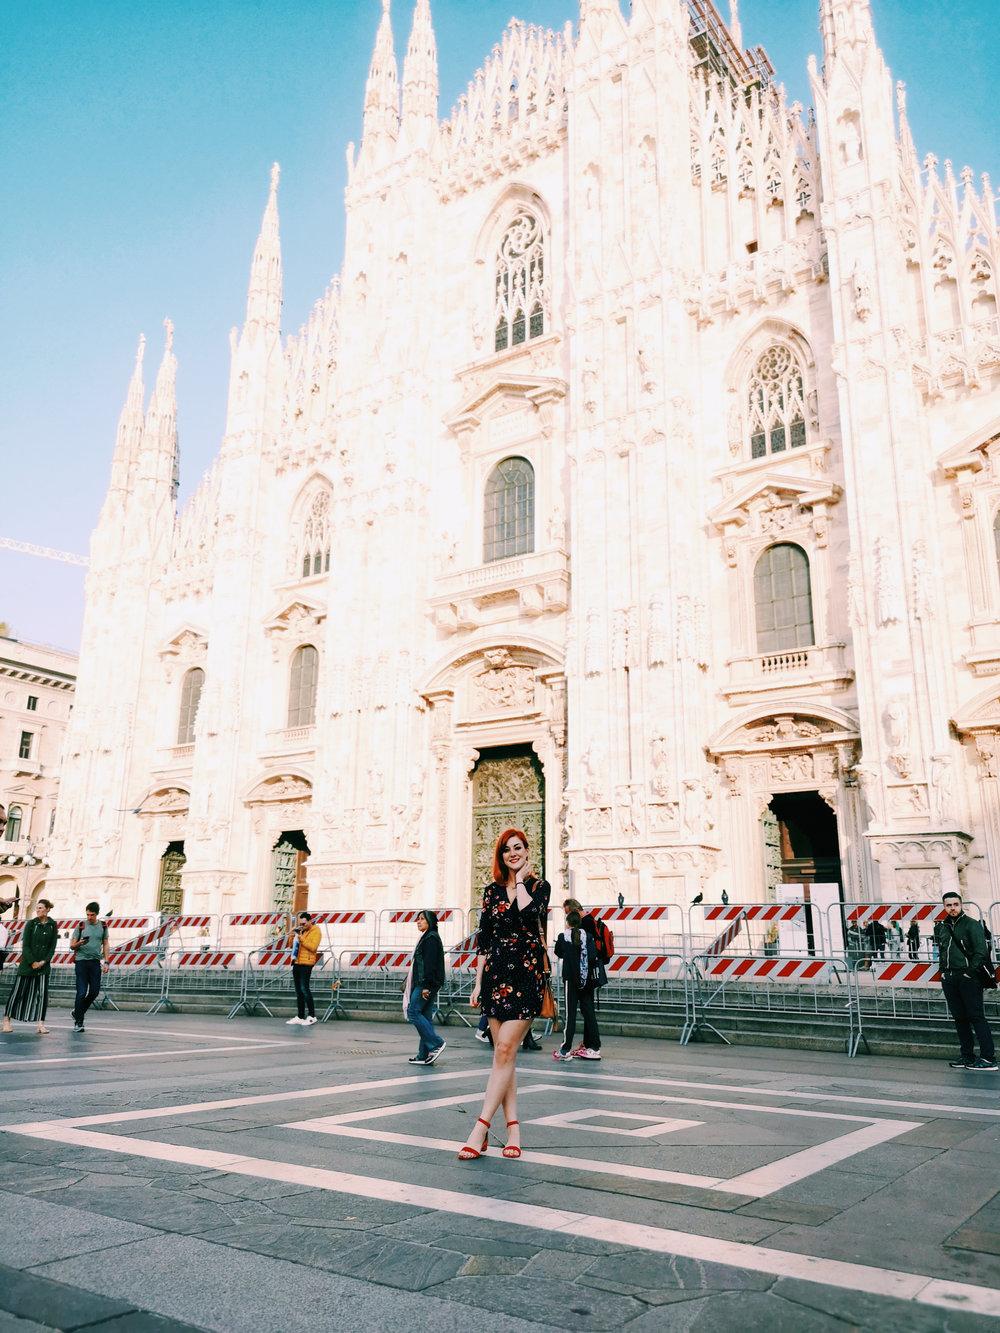 Lucie Loves Milan Duomo